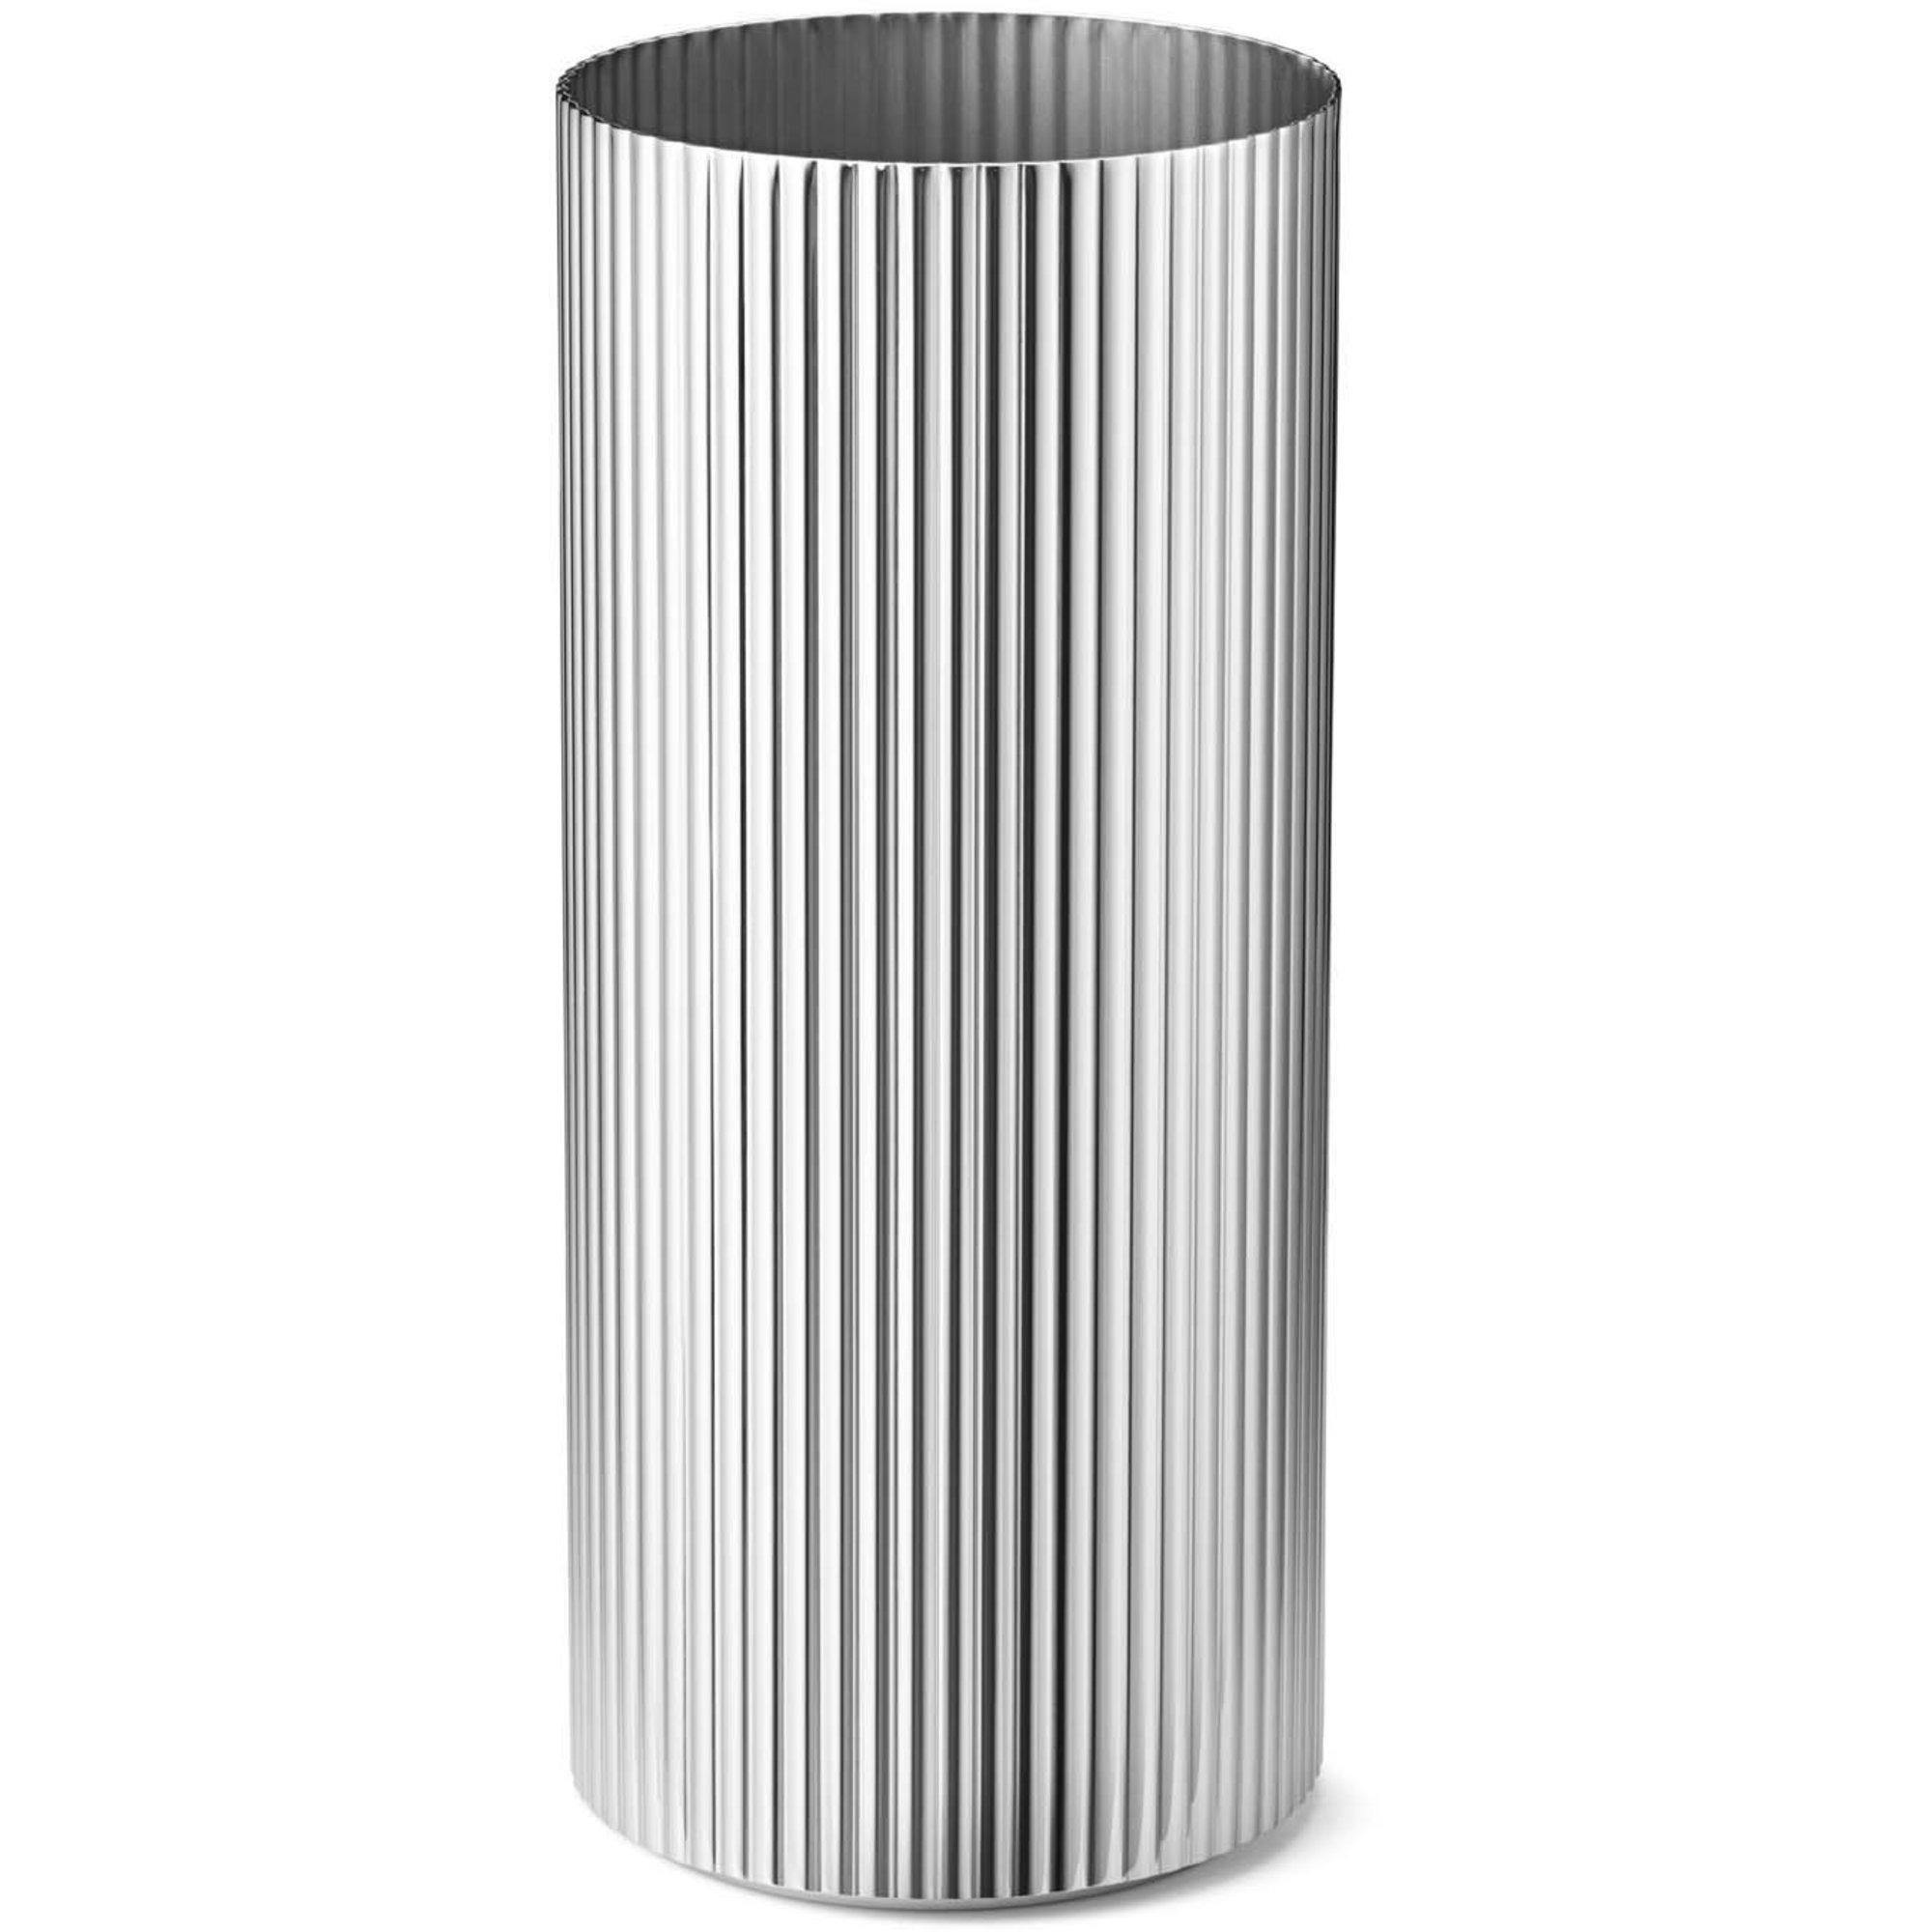 Georg Jensen Bernadotte Vas Rostfritt stål medium